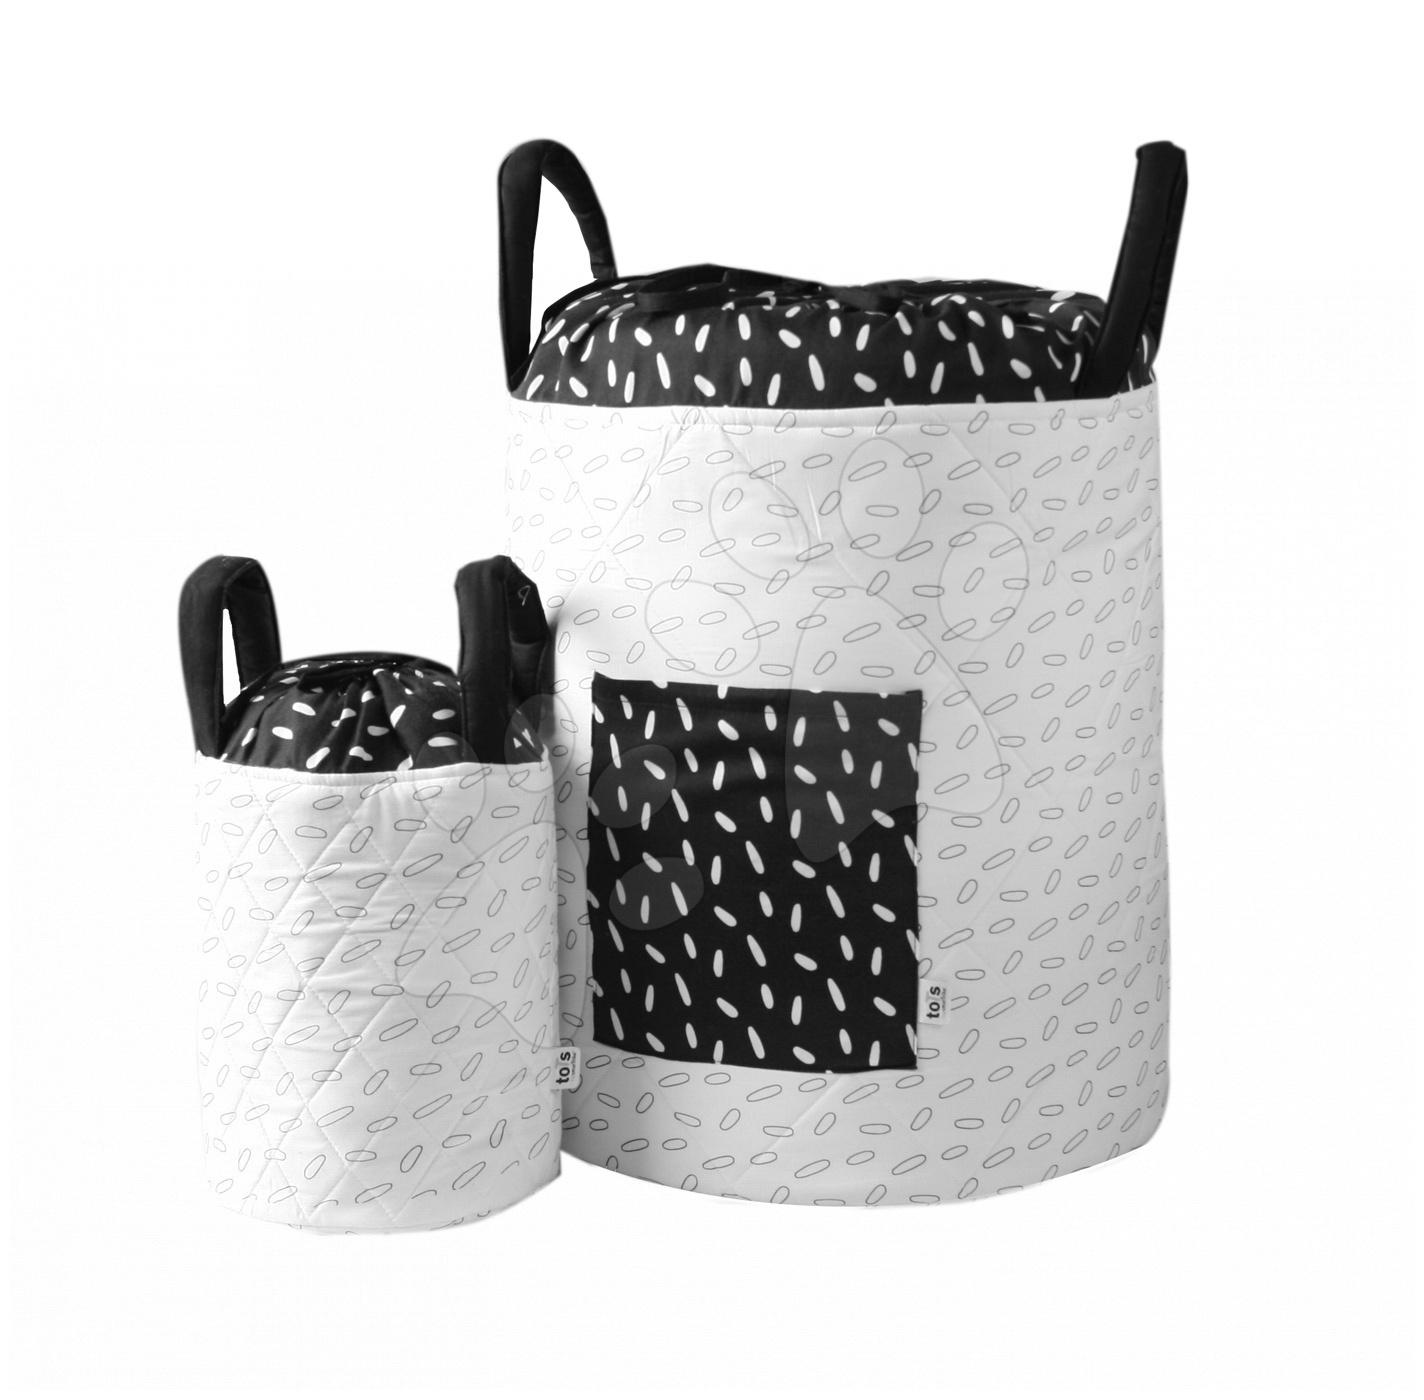 Košík na hračky Listy Bamboo toTs-smarTrike Black&White textilní, bambusový hedvábí a satén 45*40 cm od 0 měsíců